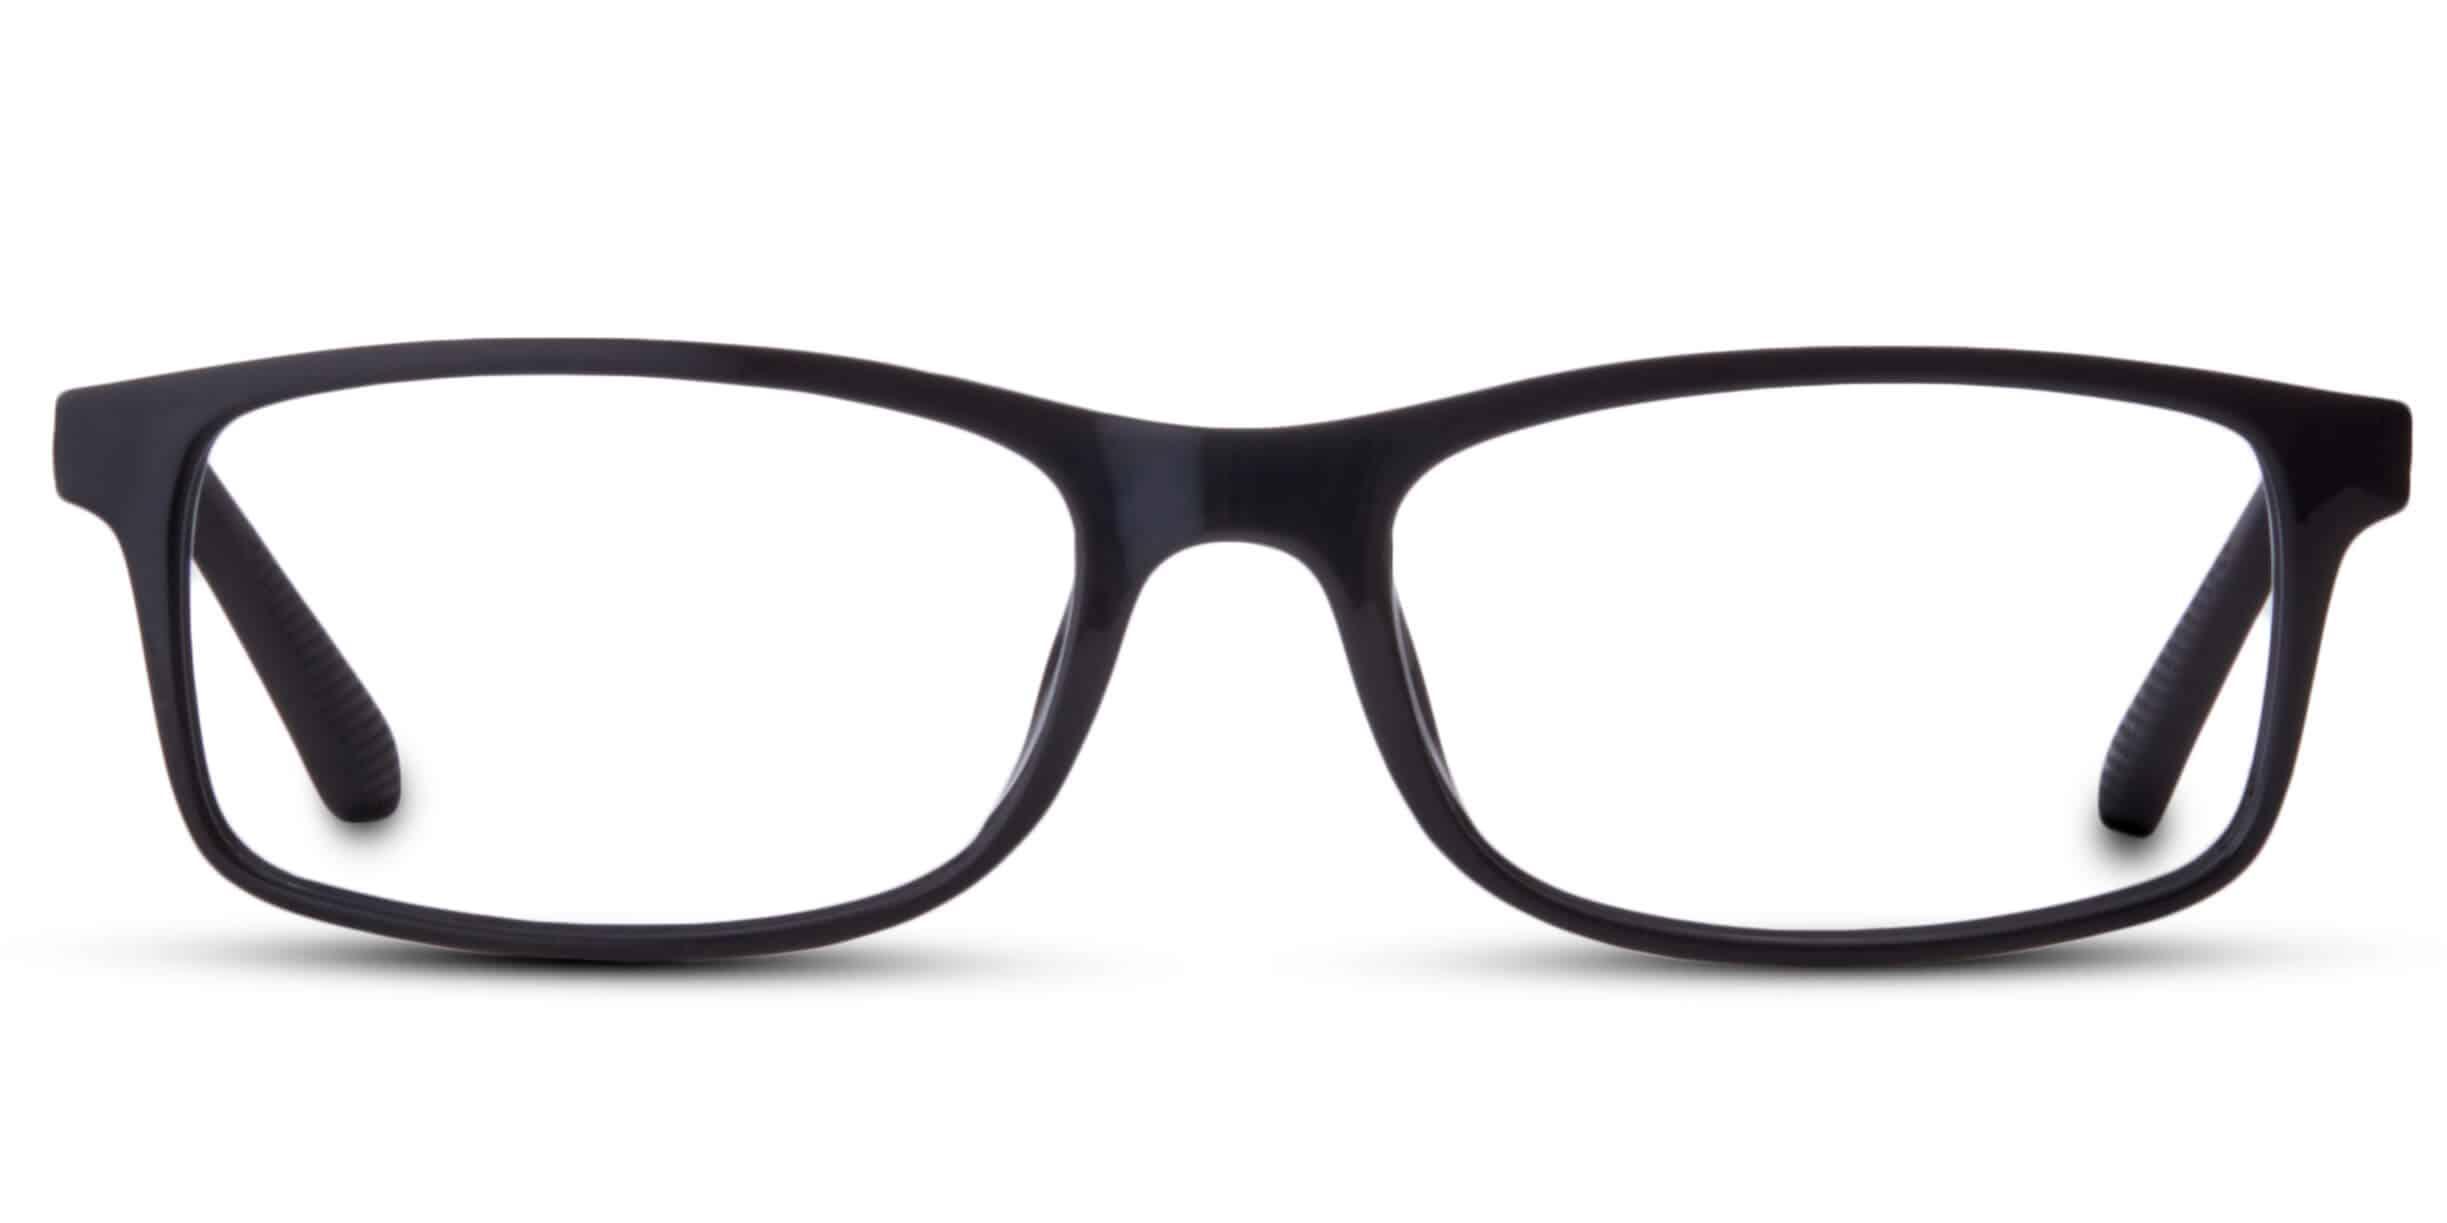 SEELINE- פלסטיק שחור עם מוטות אפורים